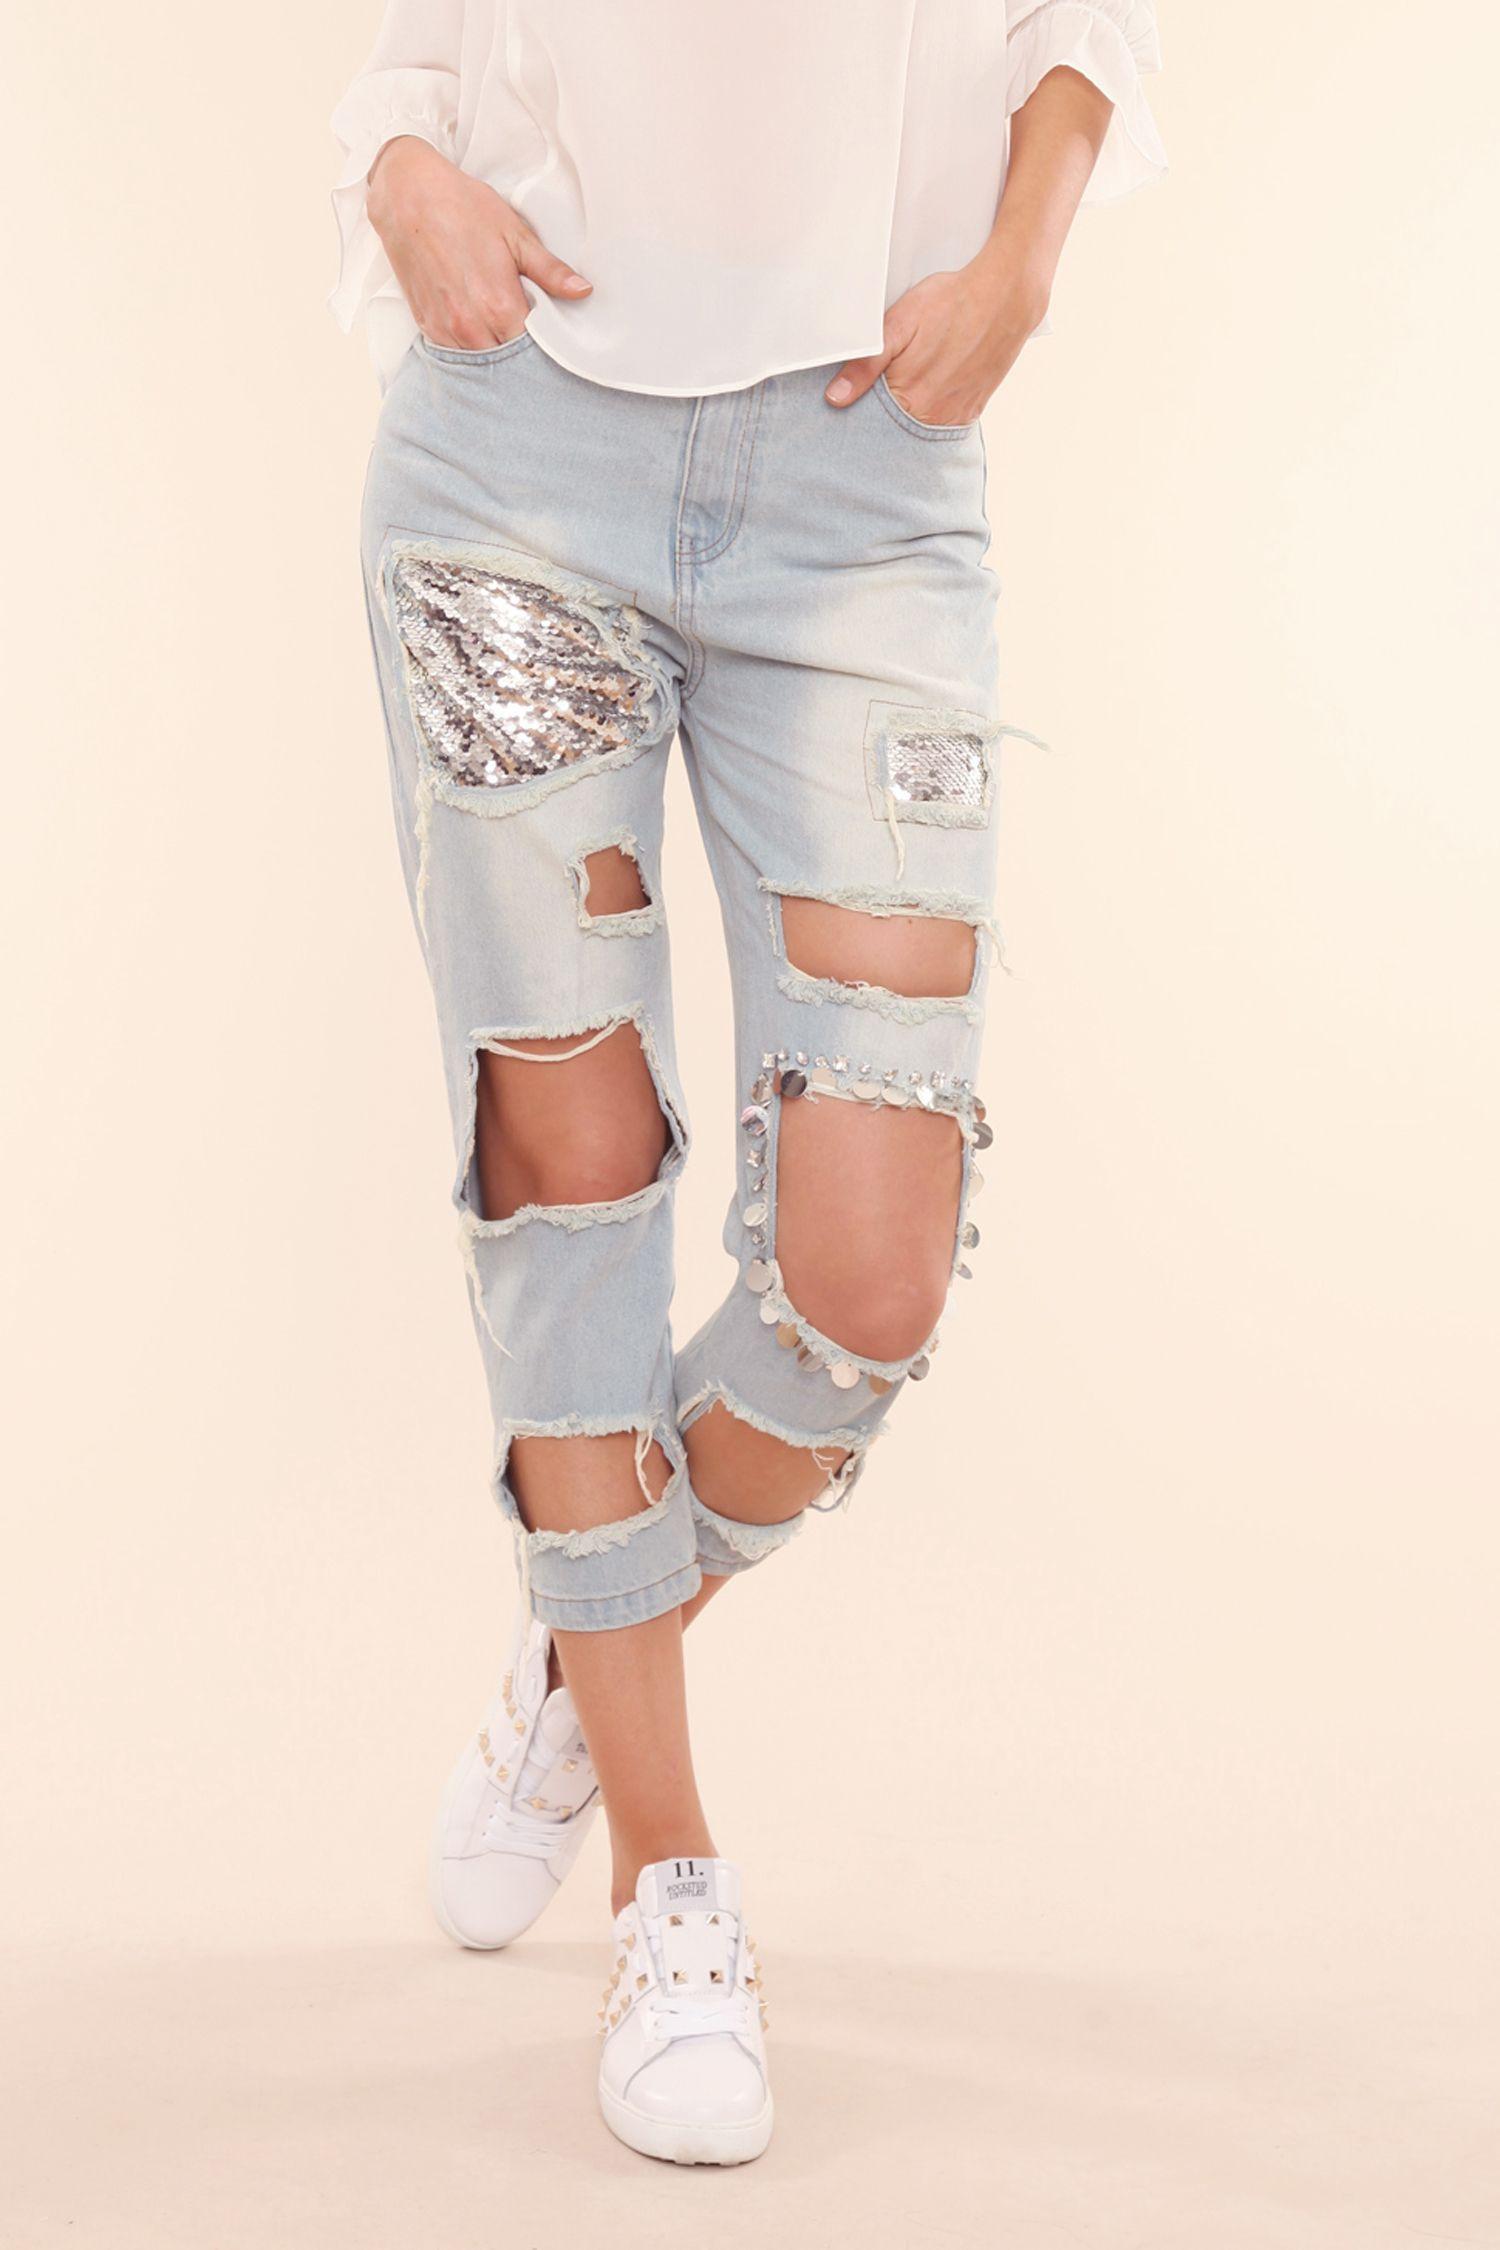 descuento la mejor actitud disfruta de precio barato JEANS ROTOS CUADRADOS LENTEJUELAS   jeans ideas   Pantalones ...